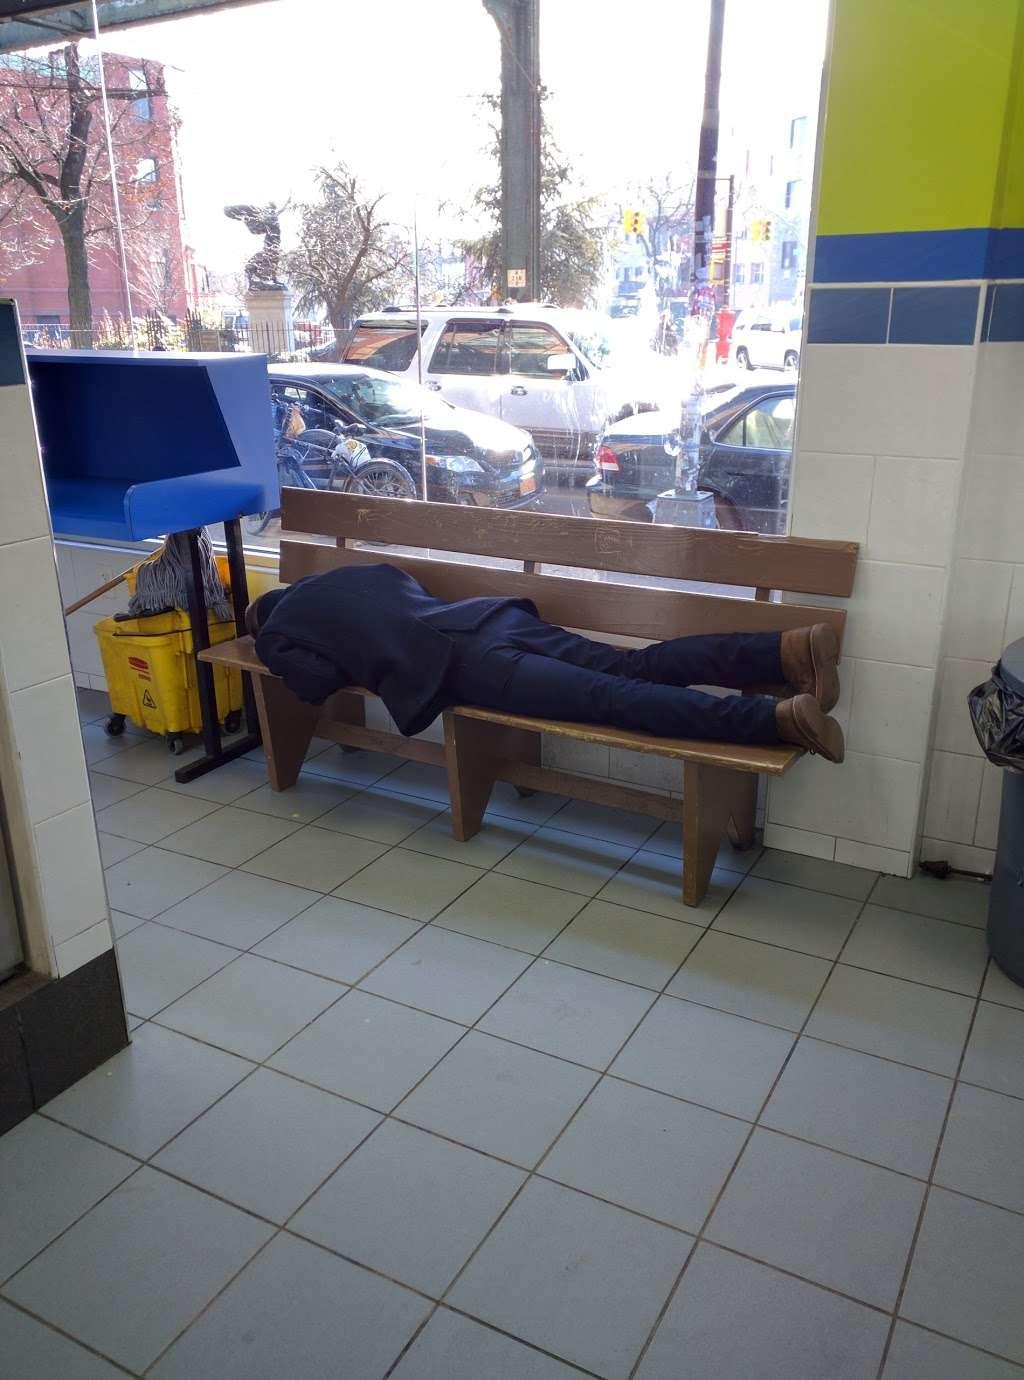 Clean City Laundry - laundry  | Photo 2 of 7 | Address: 673 Bushwick Ave, Brooklyn, NY 11221, USA | Phone: (718) 443-8888